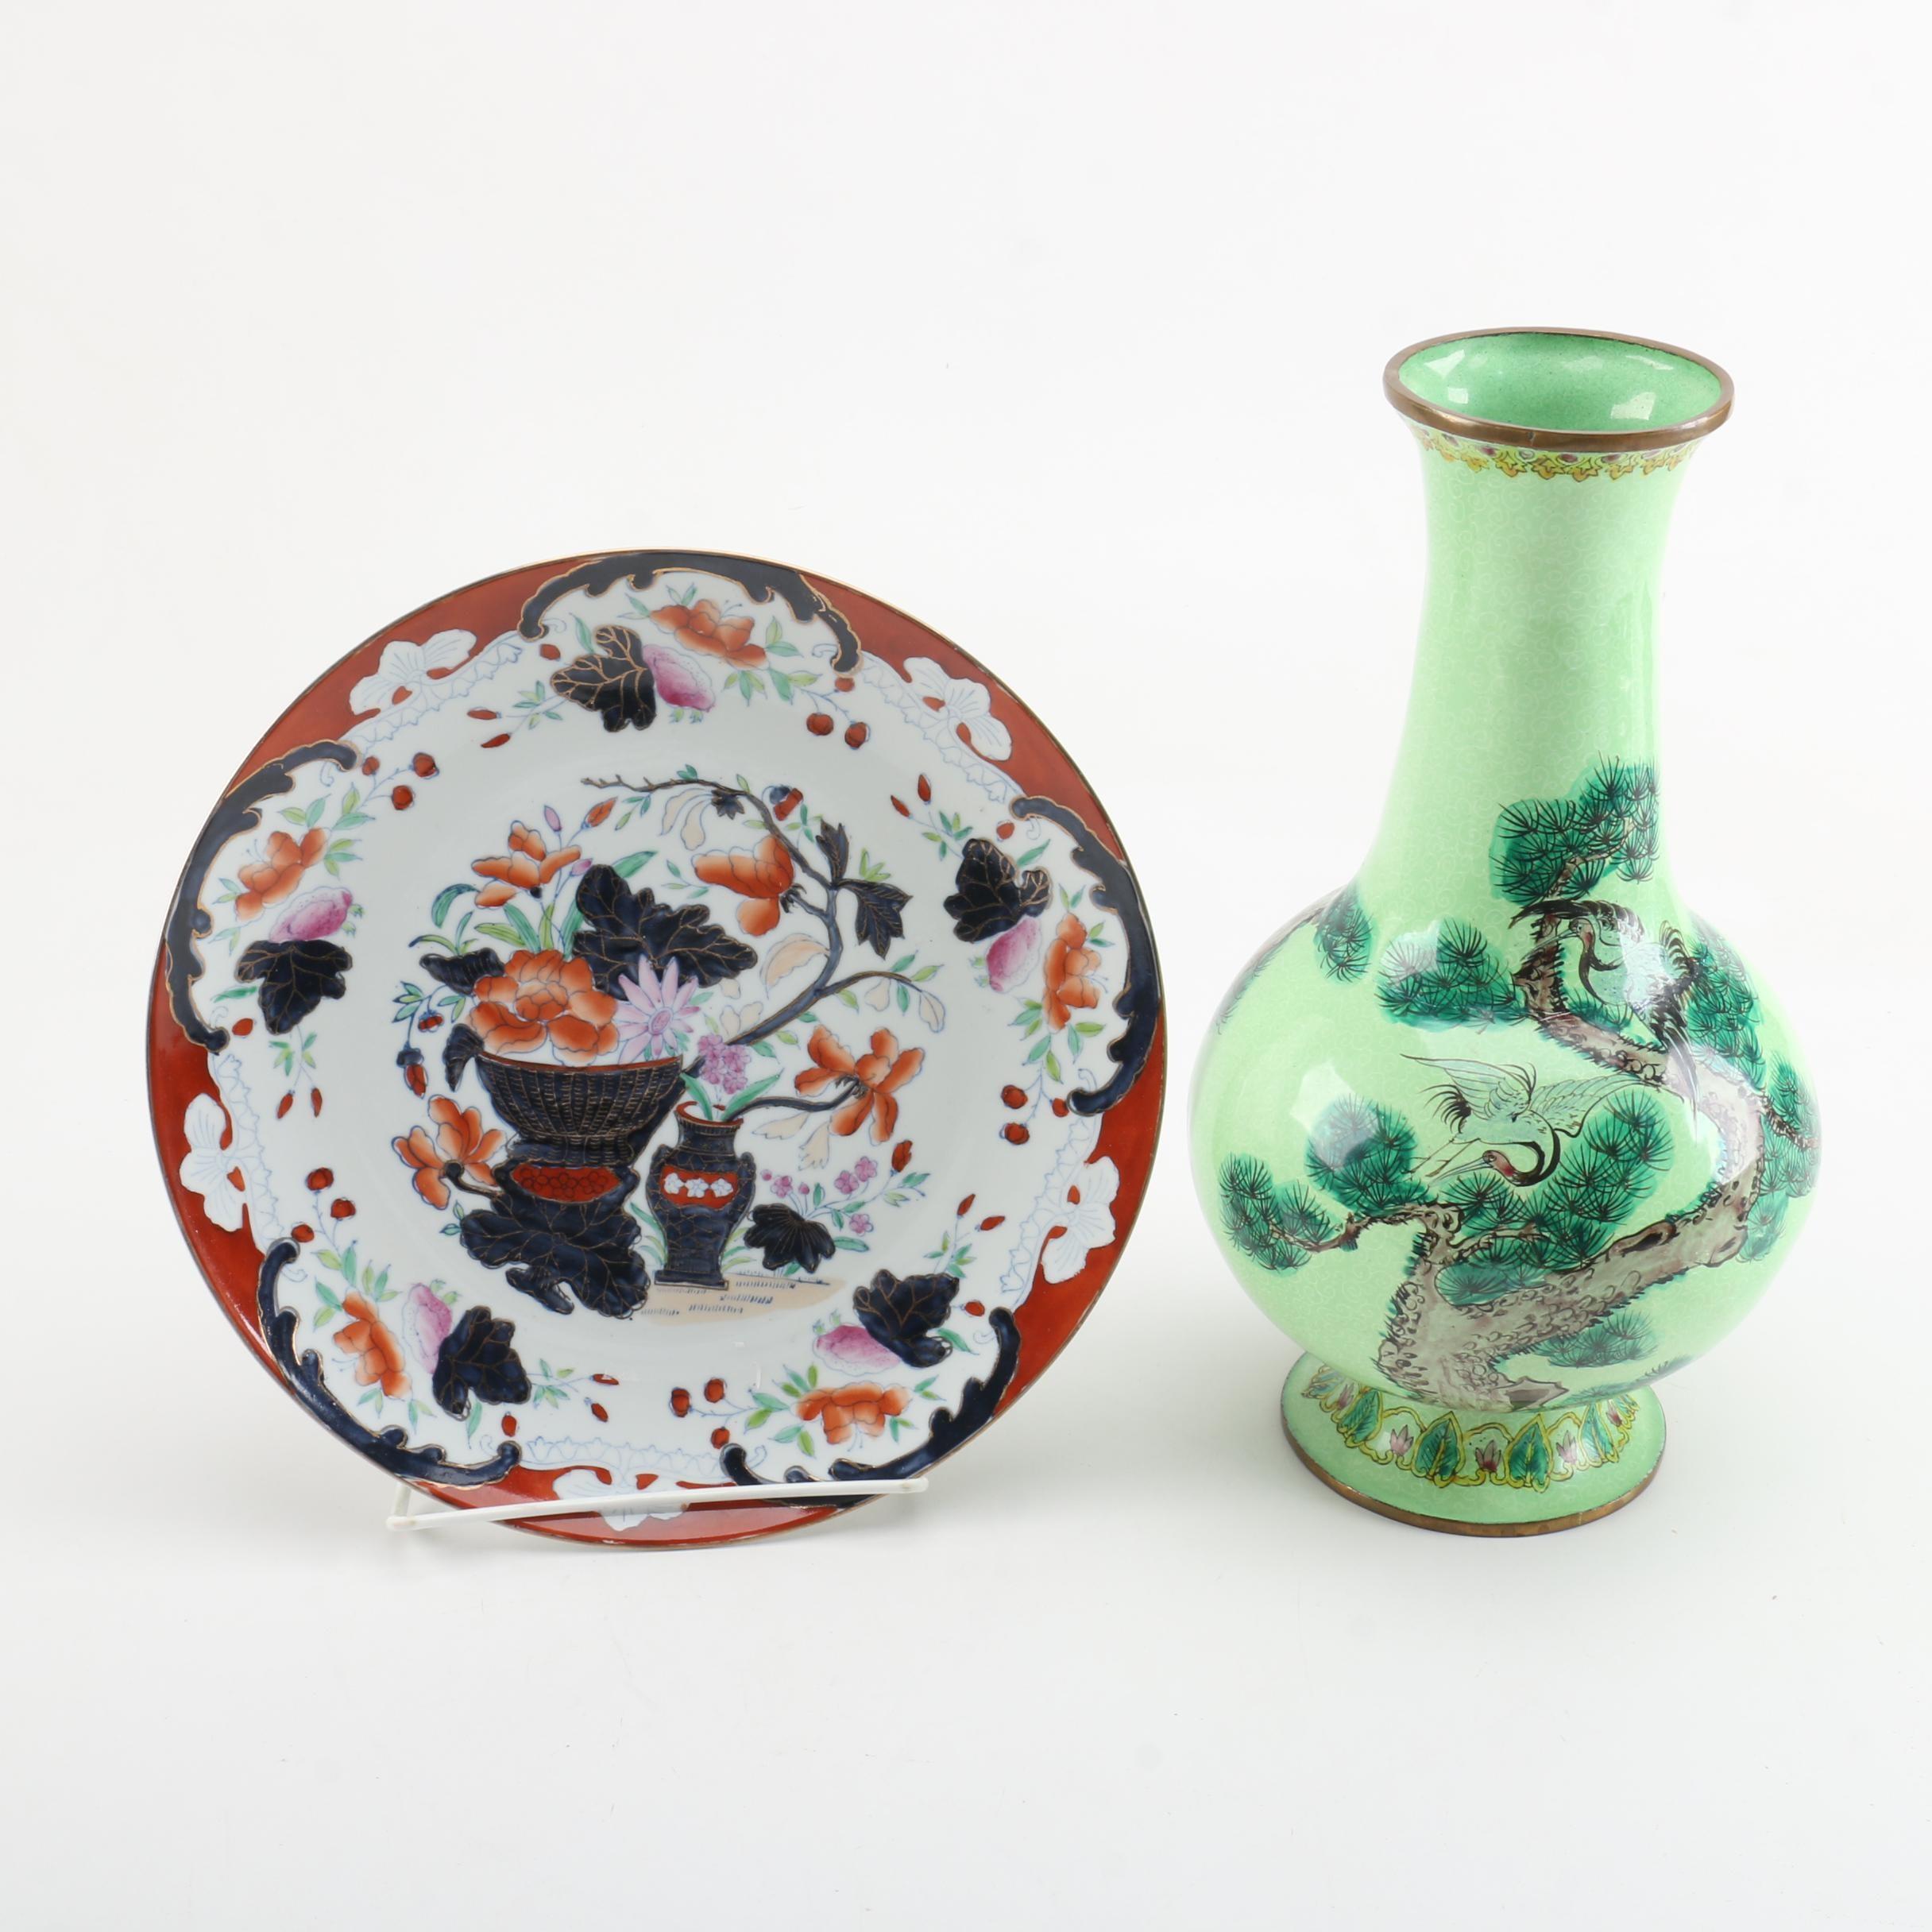 Chinese Enamel Vase and Imari Style Plate